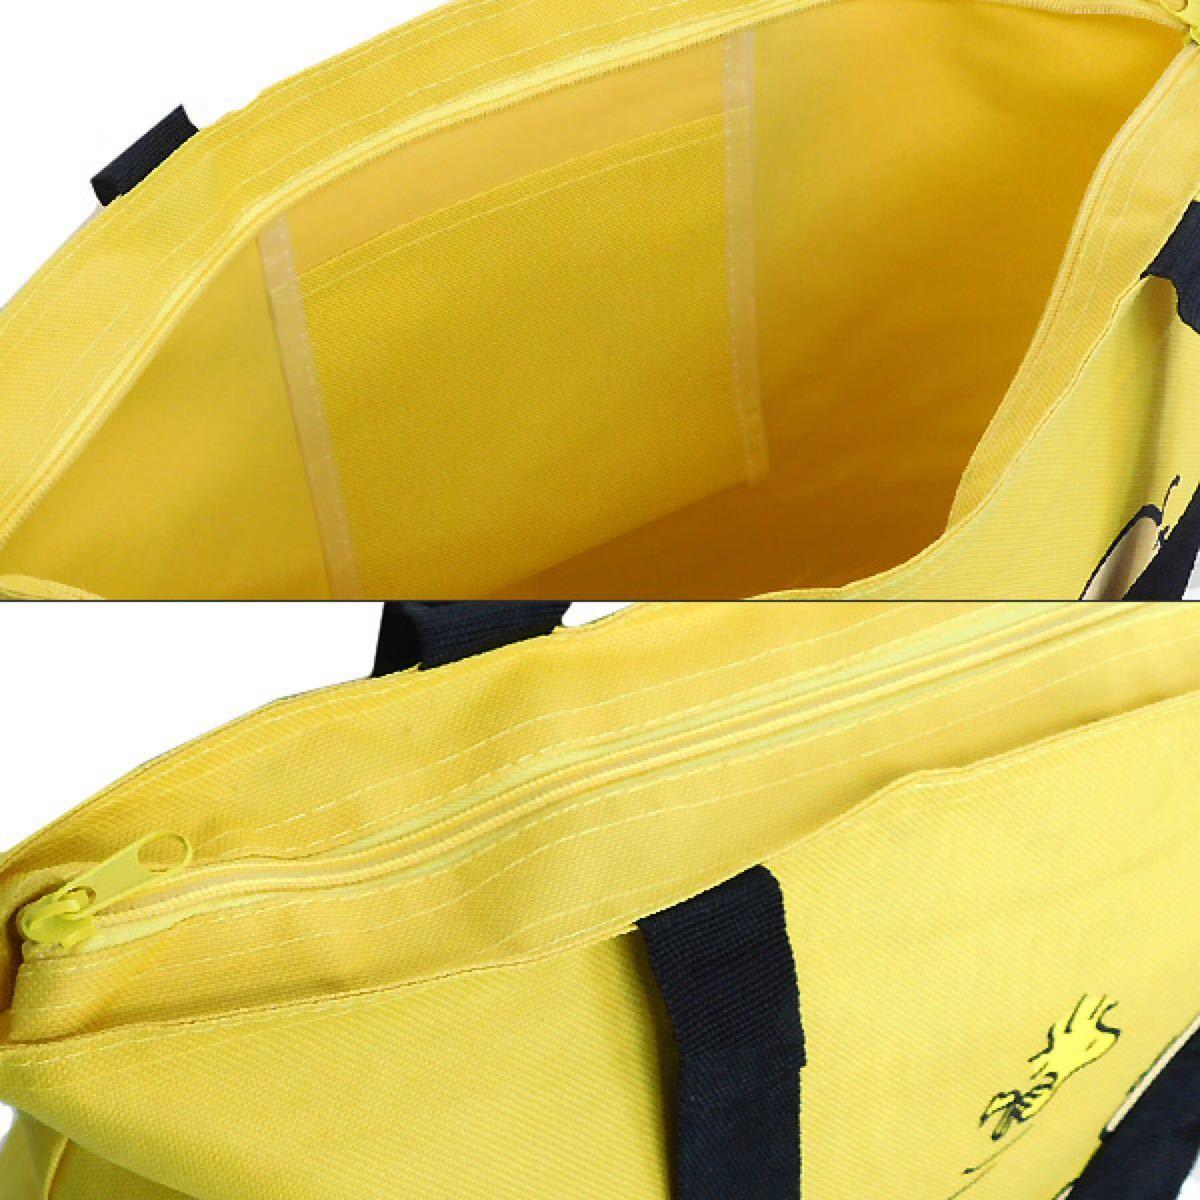 スヌーピー トートバッグ 大容量 エコバッグ マザーズバッグ ショッピングバッグ レディース いえろ